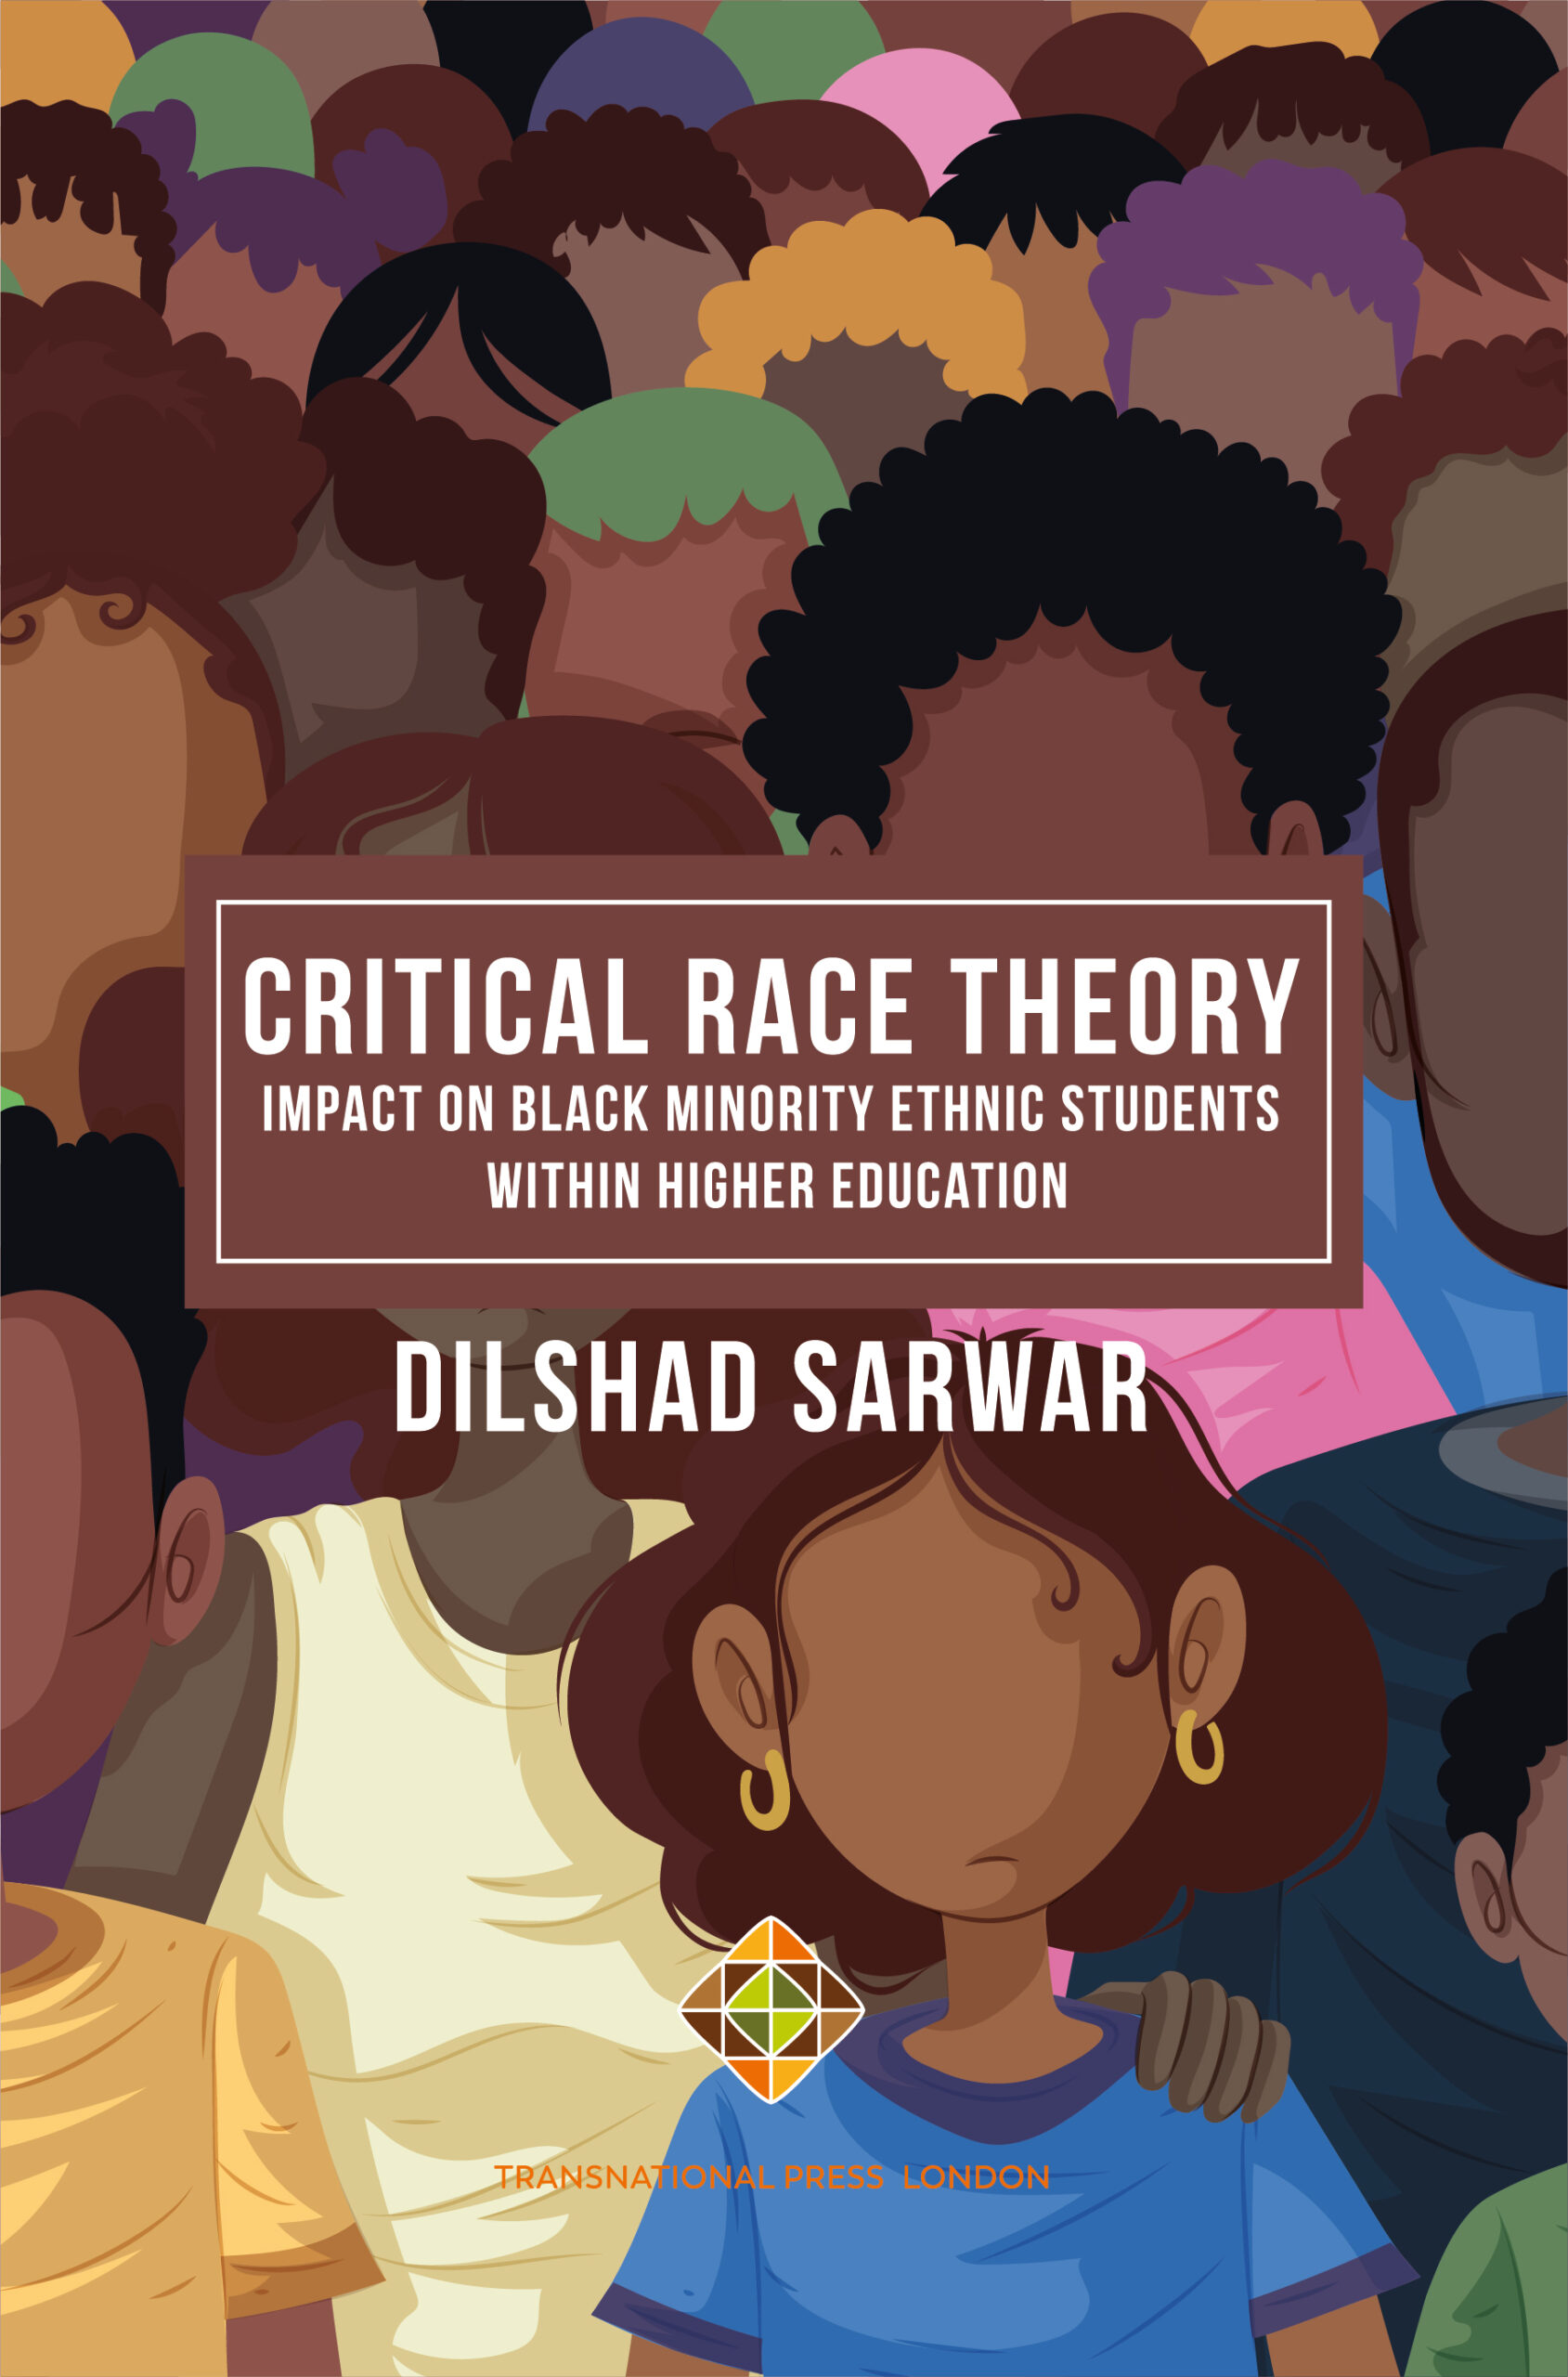 Critical Race Theory - Transnational Press London